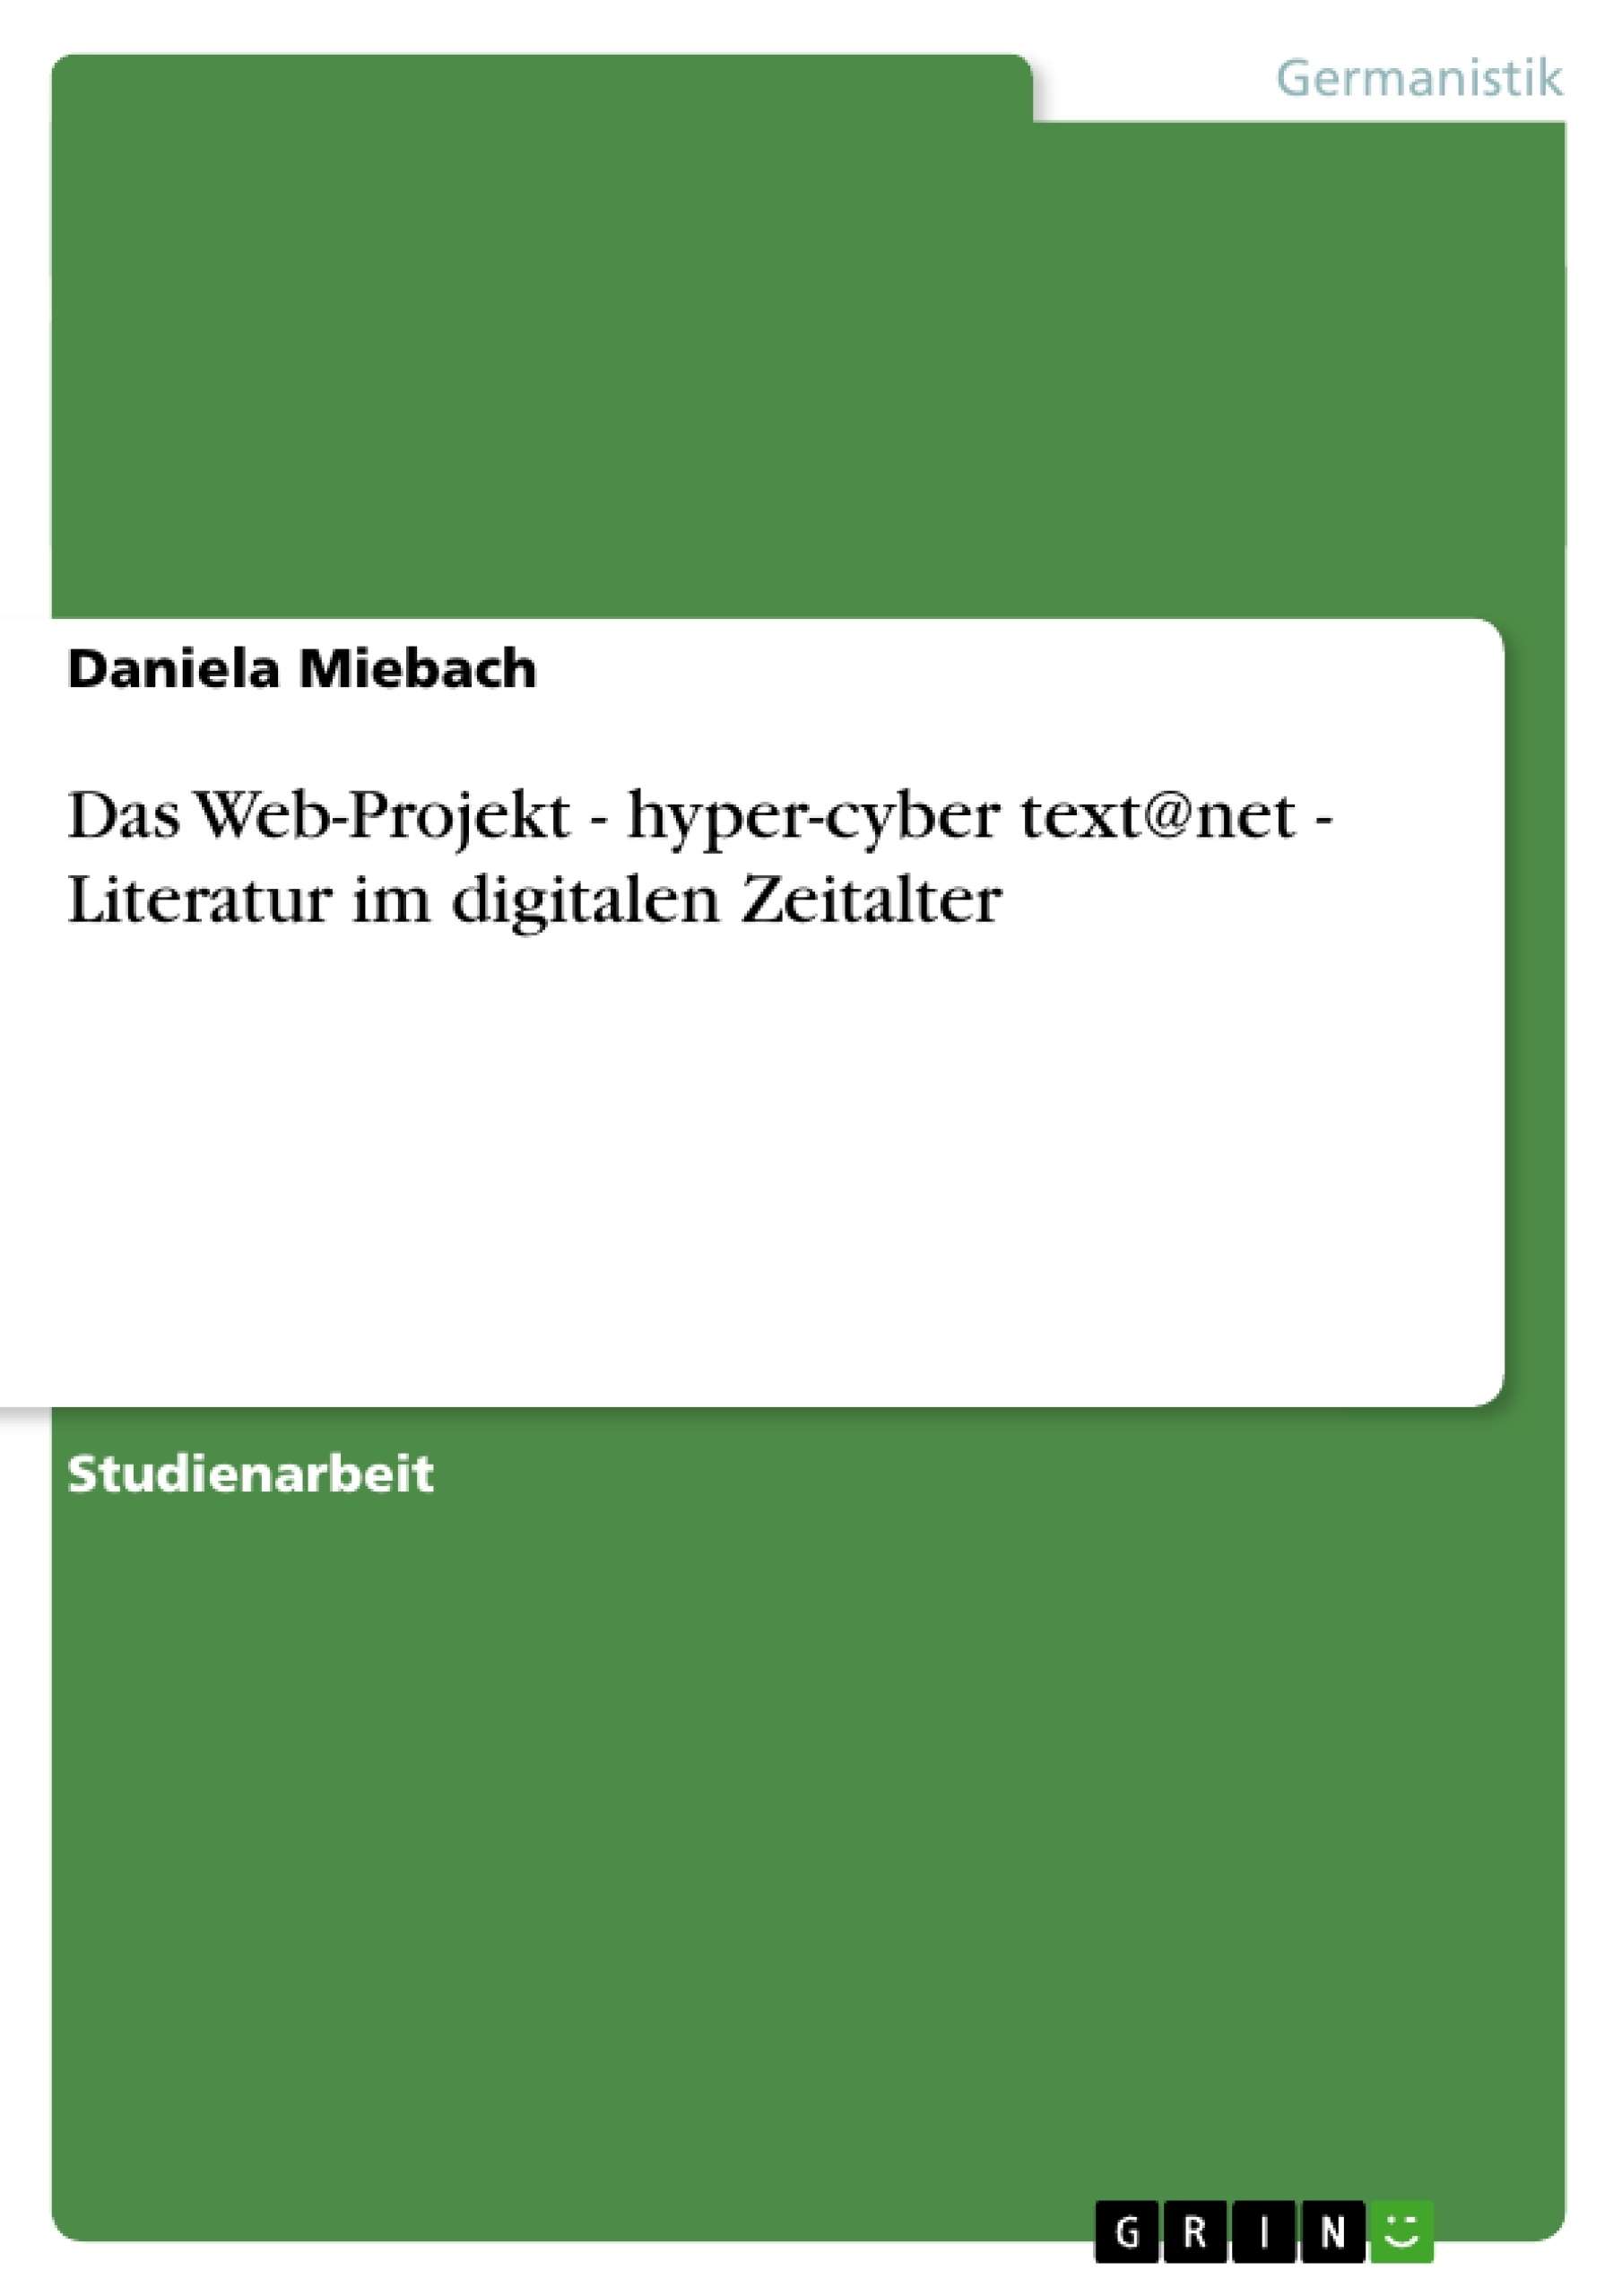 Titel: Das Web-Projekt - hyper-cyber text@net - Literatur im digitalen Zeitalter